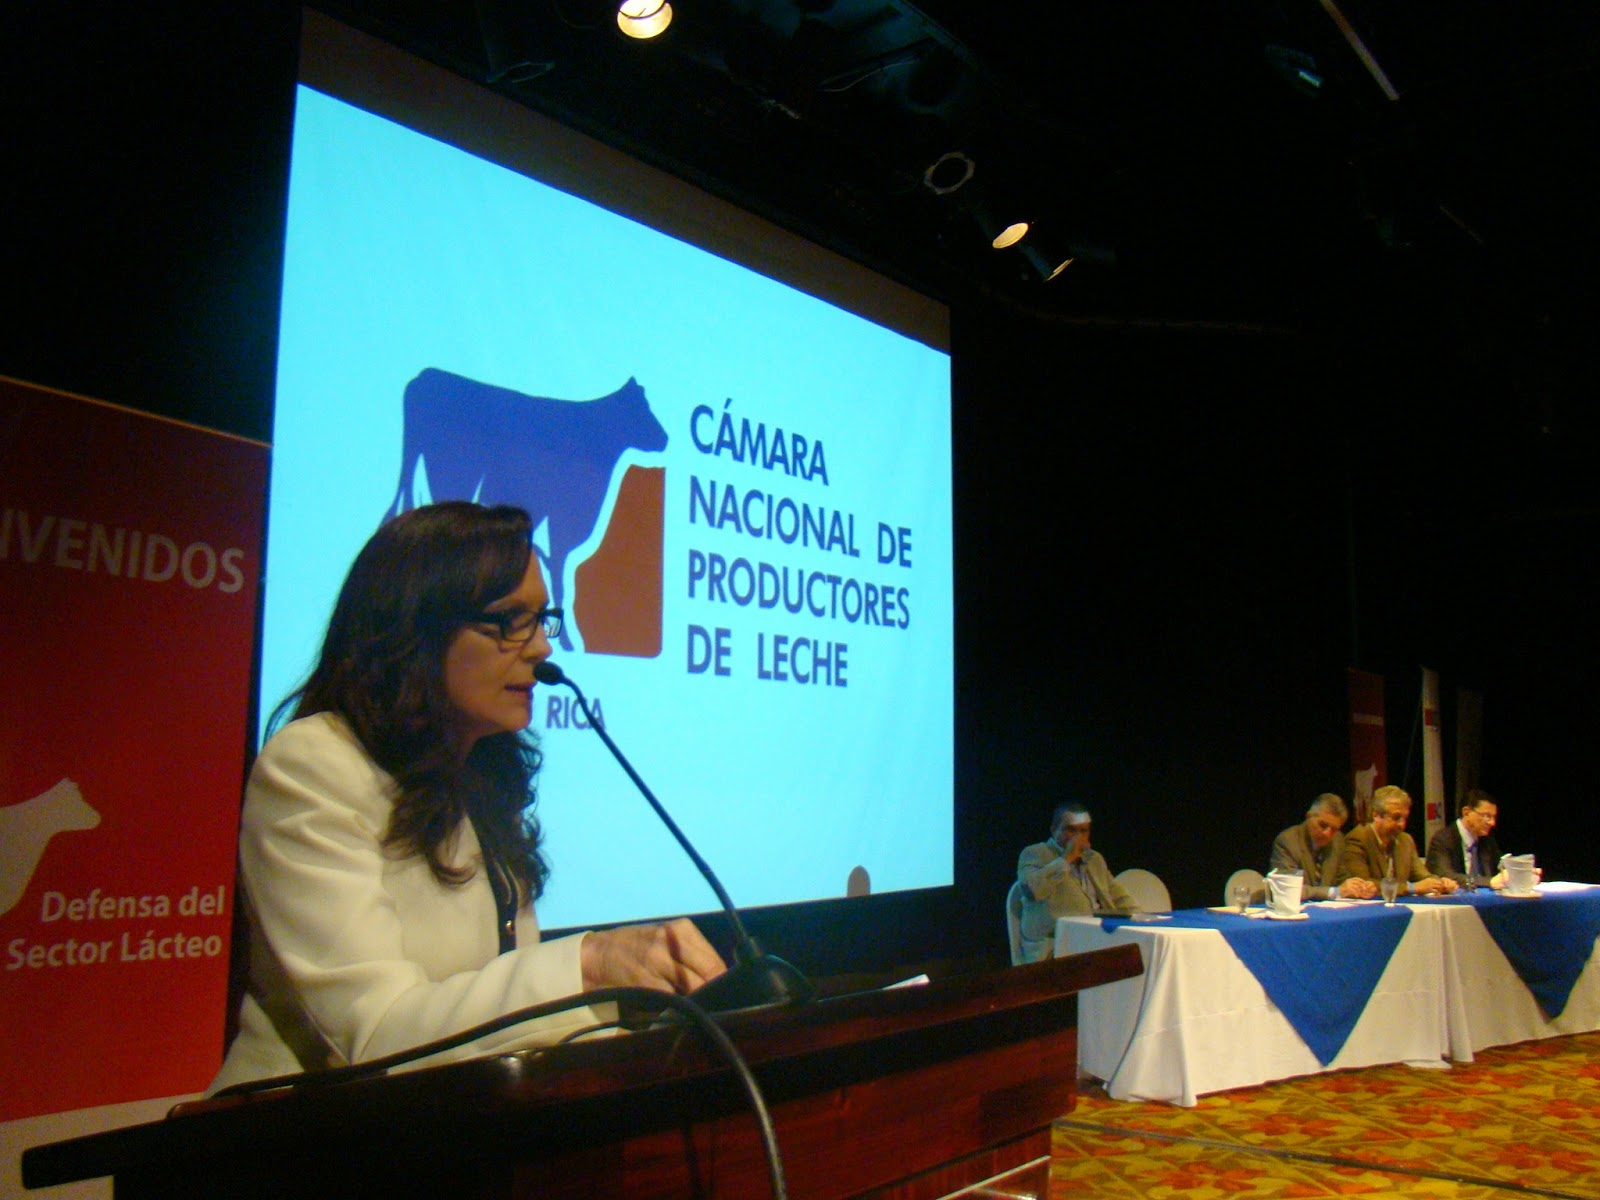 Gobierno propone al sector lechero trabajo en conjunto para mejorar desarrollo